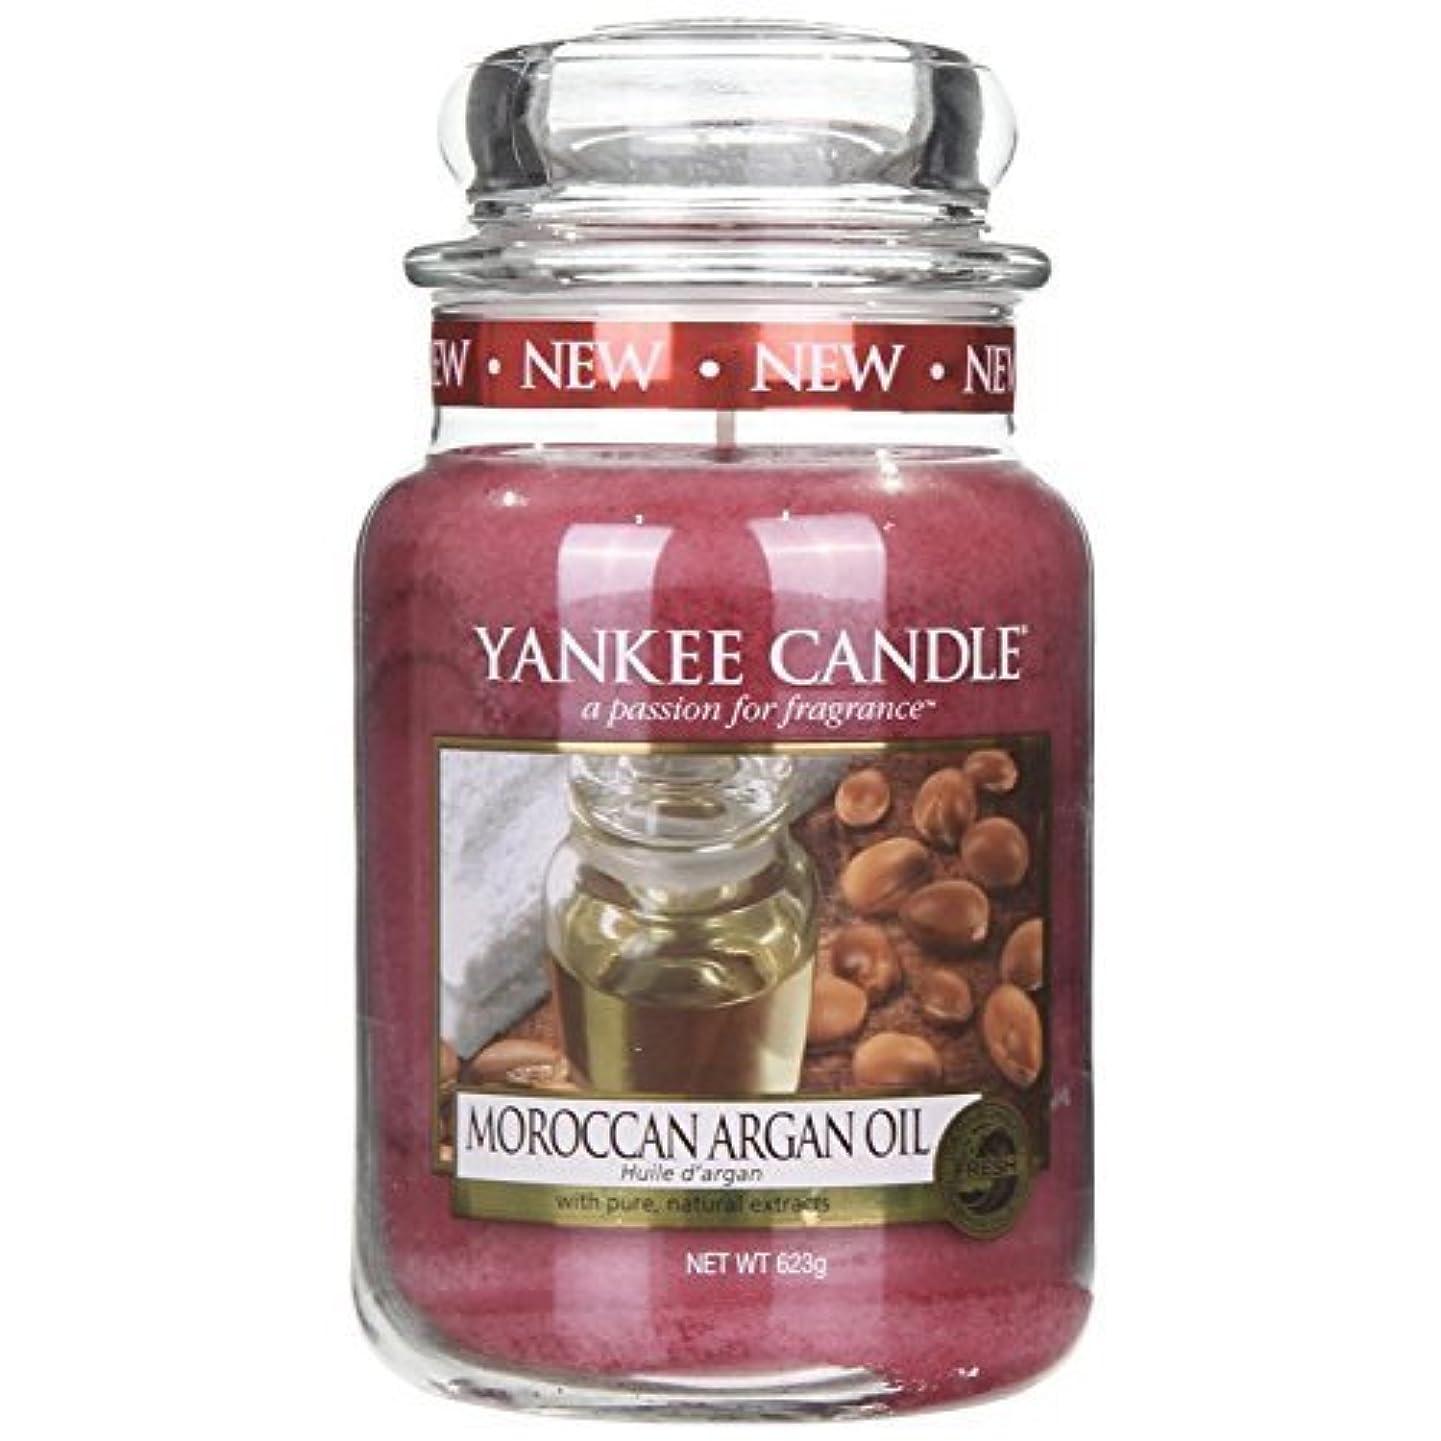 スタイルシリーズ航空便Yankee Candle MOROCCAN ARGAN OIL 22oz Large Jar Candle - UK Exclusive by Yankee Candle [並行輸入品]